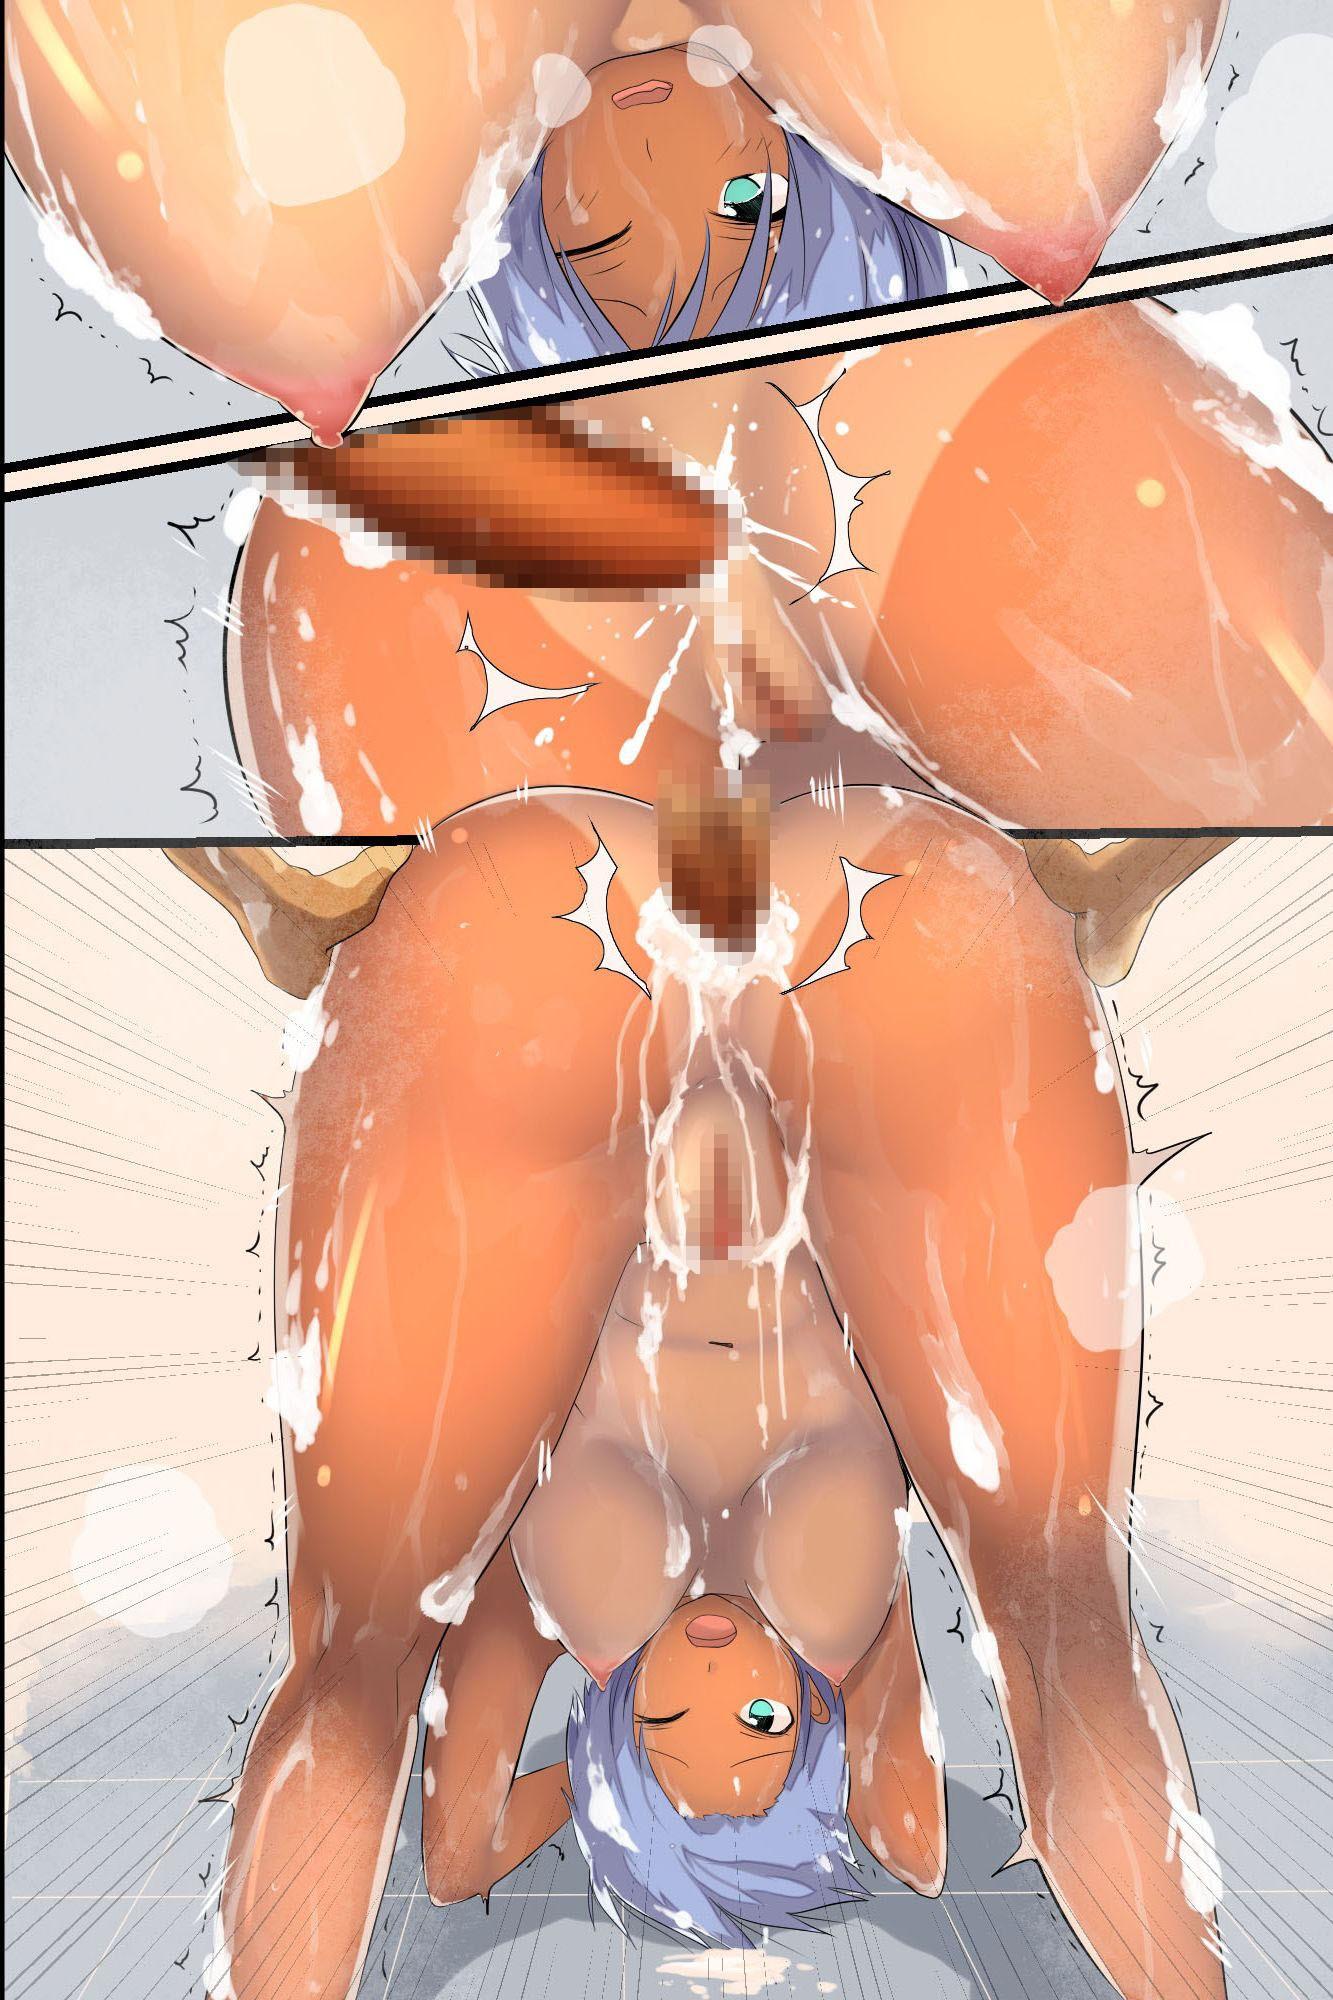 二次元,HCG,エロ画像,エロ爺~最近の学生さんは肉付もよくて弾力もあるんじゃのぉ(フルカラー),MC